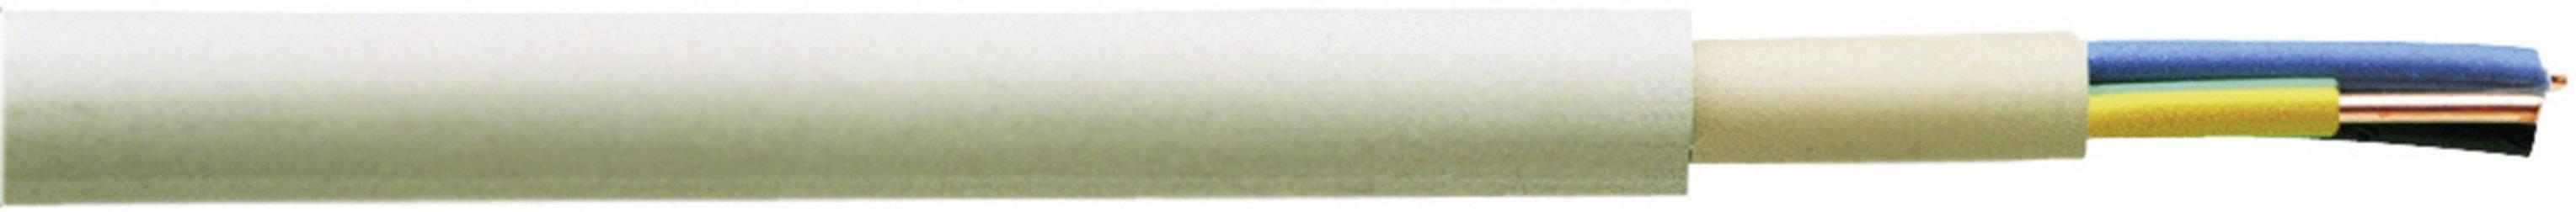 Opláštěné vedení Faber Kabel NYM-J 020024, 5 G 2.50 mm², 100 m, šedá